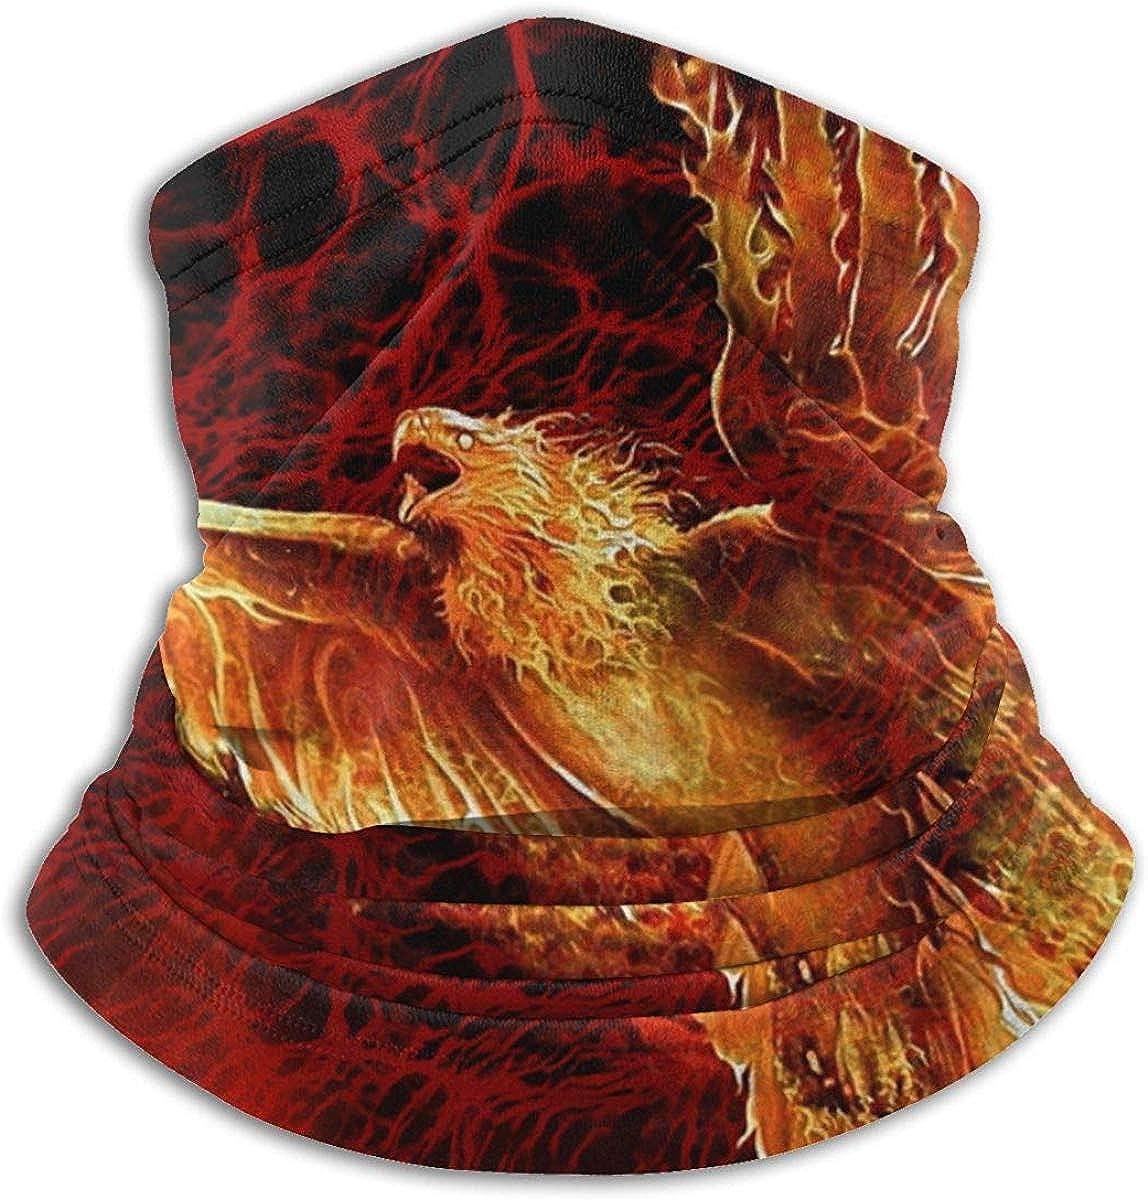 Fuego Eagle Calentador de cuello Bufanda Polaina Mascarilla Bandanas para polvo Clima frío Invierno al aire libre Festivales Deportes para hombres y mujeres